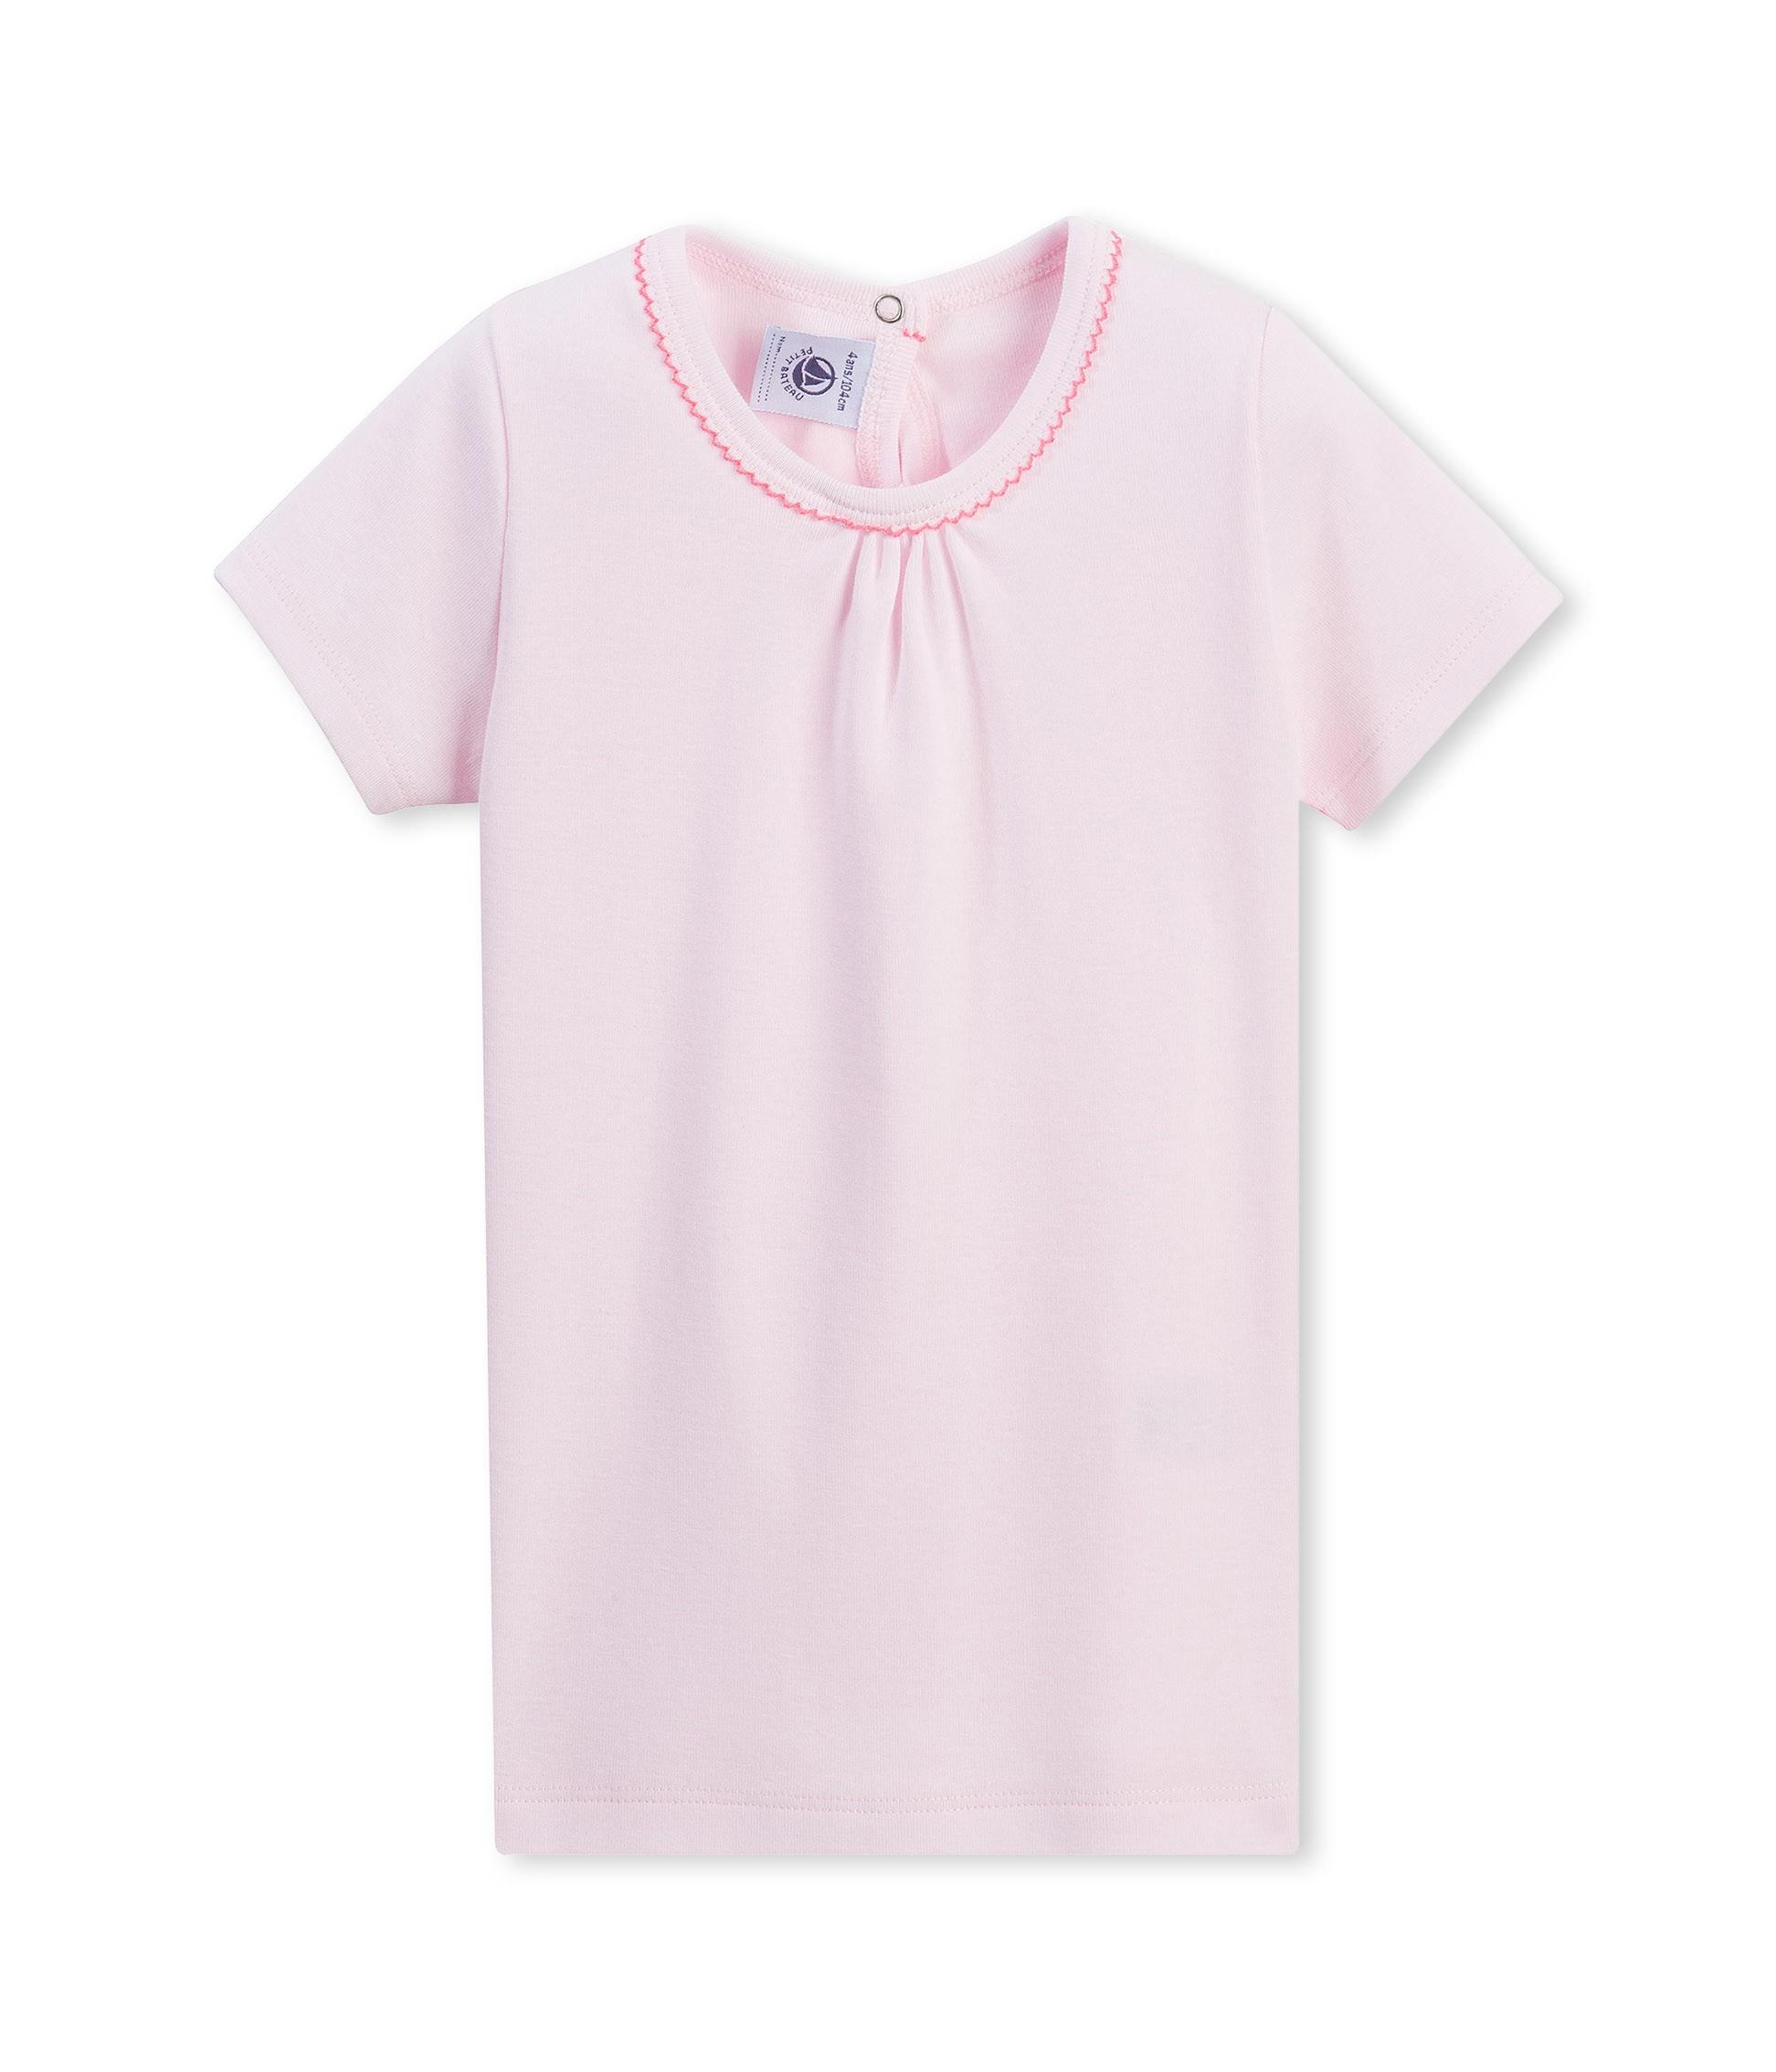 Μπλούζα κοντομάνικη μονόχρωμη για κορίτσι - petit-bateau.gr 5f097158d75